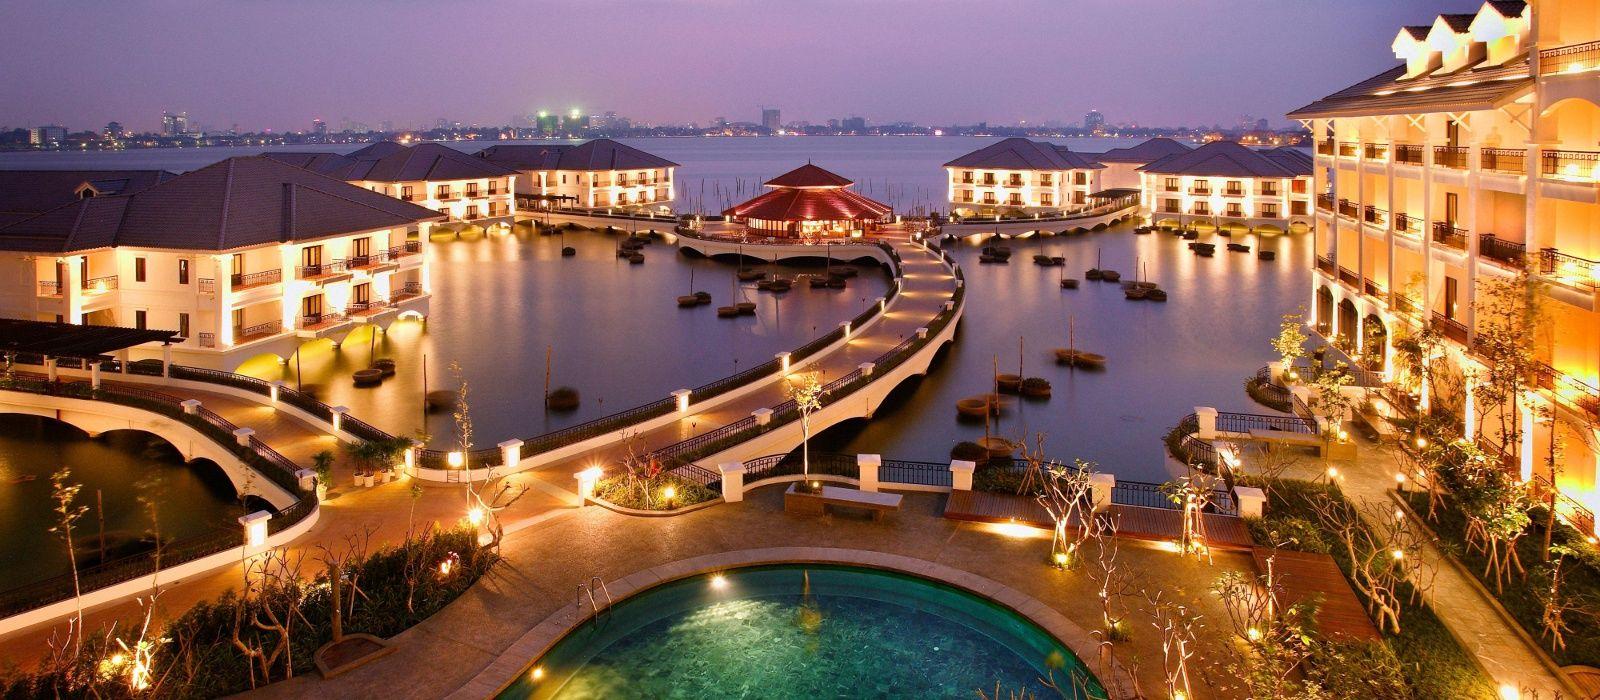 Hotel InterContinental Westlake Vietnam